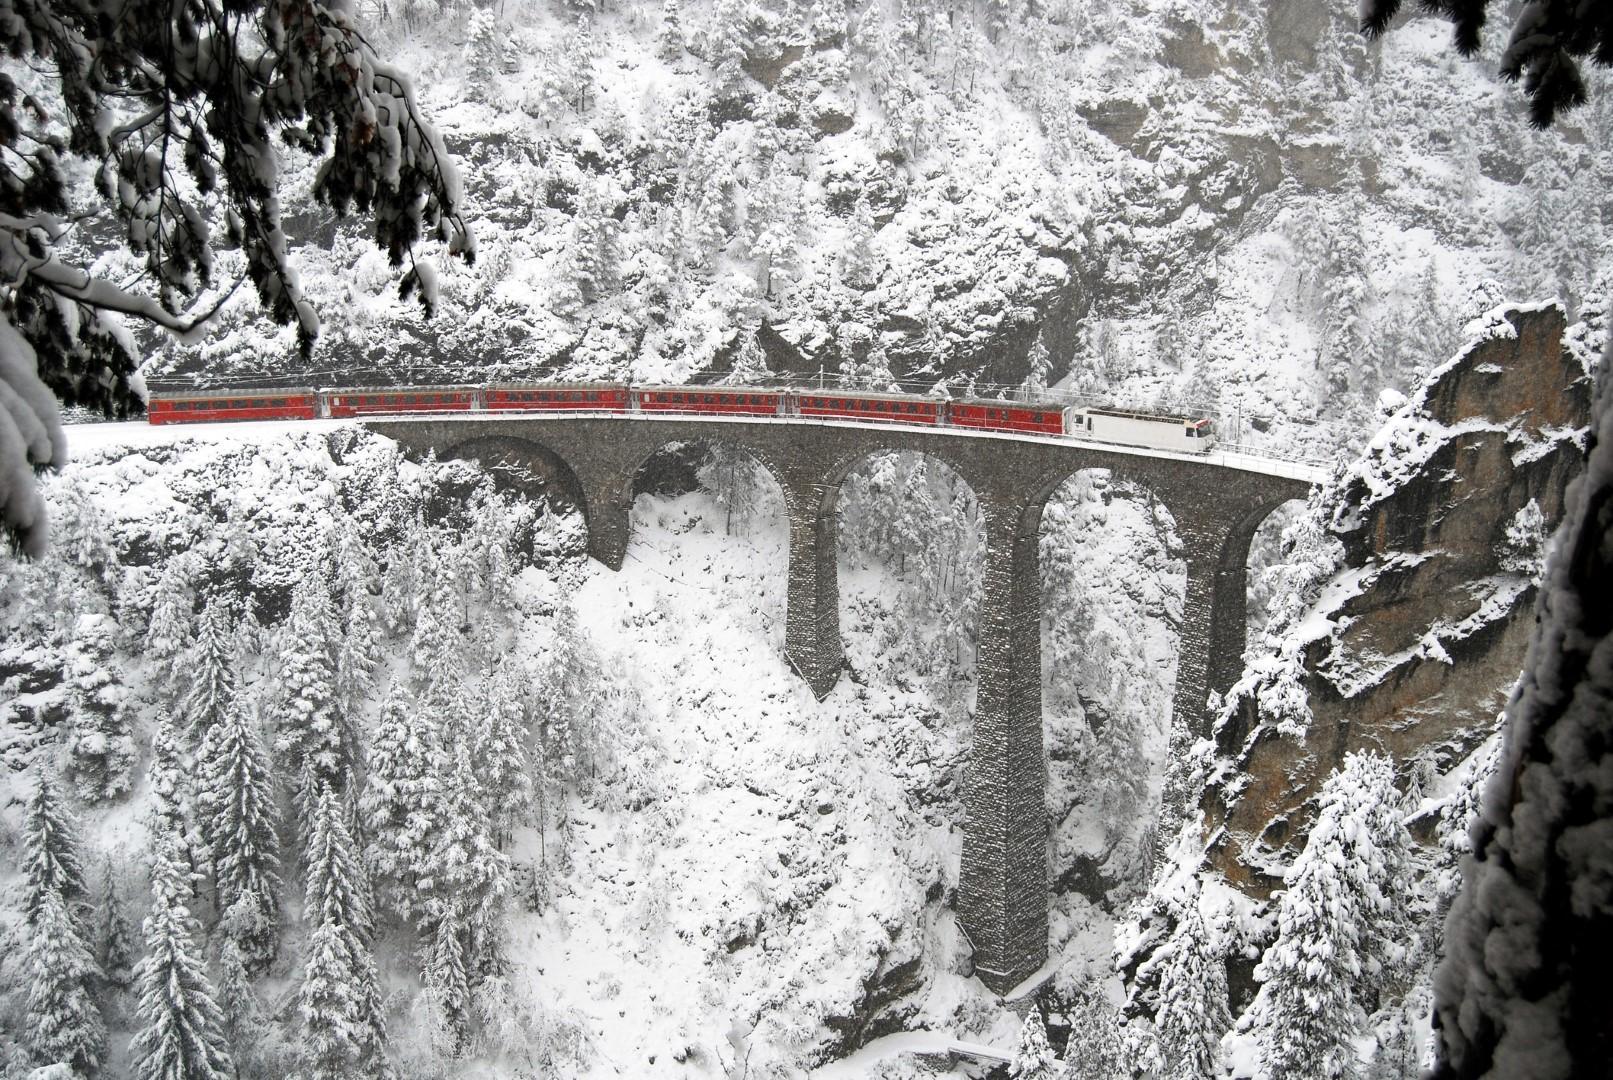 Viaggi in treno  le ferrovie più scenografiche del mondo - Tgcom24 1d00f341db